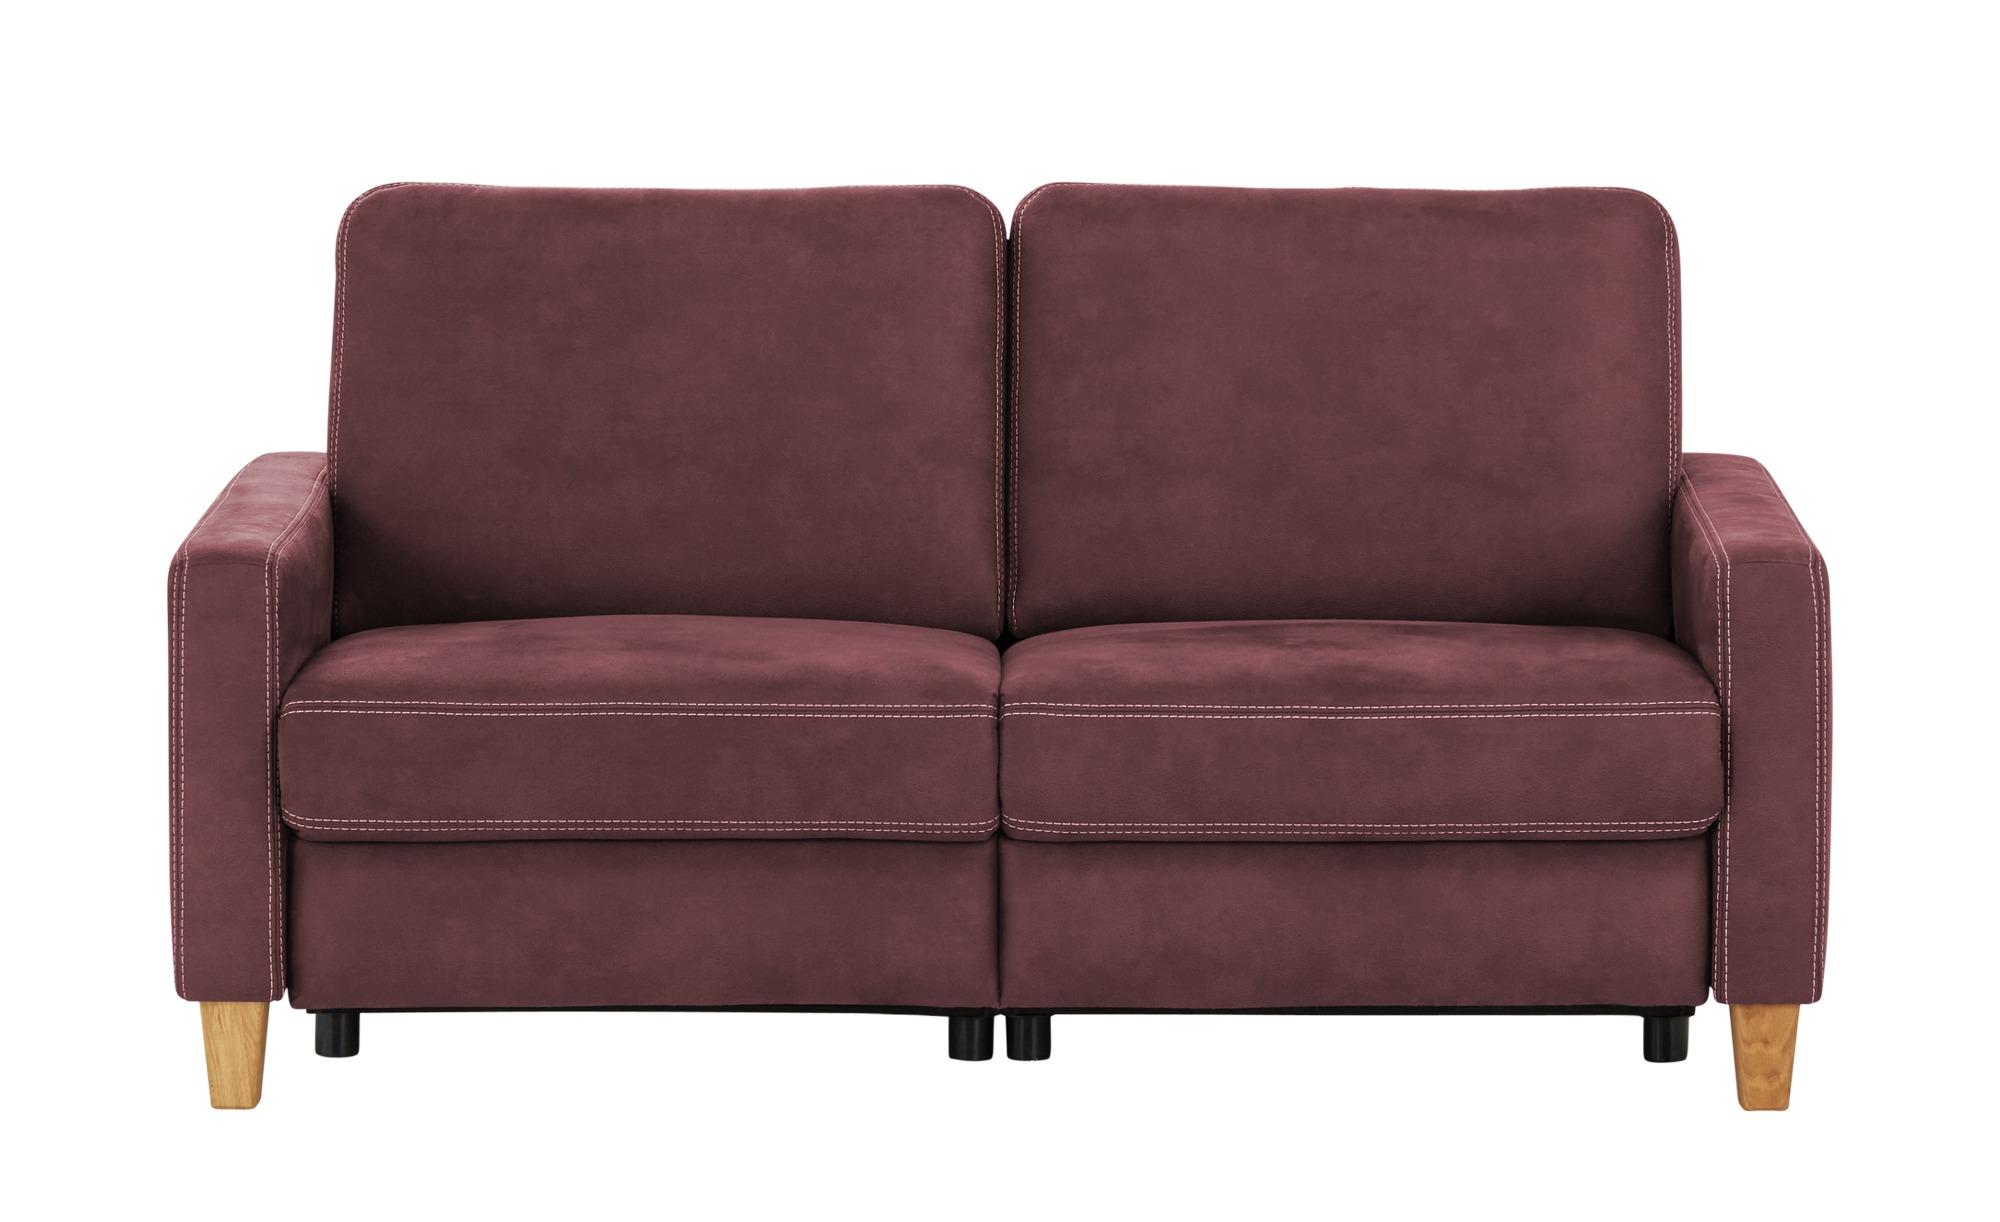 Max Schelling Einzelsofa  Maximum Plus ¦ rot ¦ Maße (cm): B: 174 H: 89 T: 96 Polstermöbel > Sofas > 3-Sitzer - Höffner